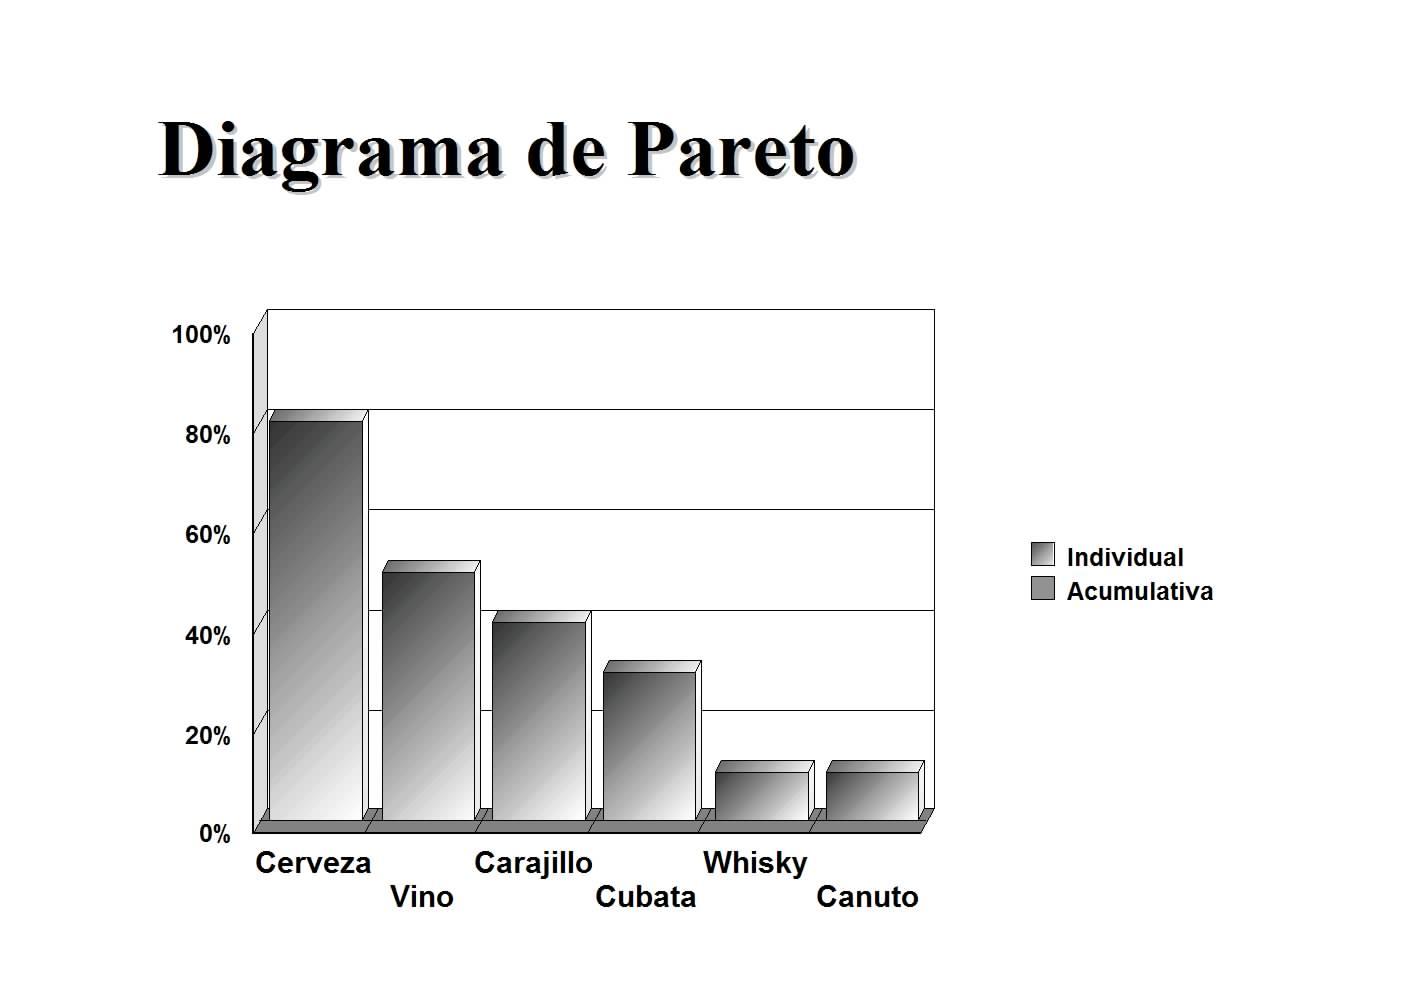 Operaciones logsticas en la cadena de abastecimiento diagramas este grfico es utilizado para mostrar la frecuencia correspondiente de hechos como productos deficientes la restauracinlas reclamaciones ccuart Choice Image